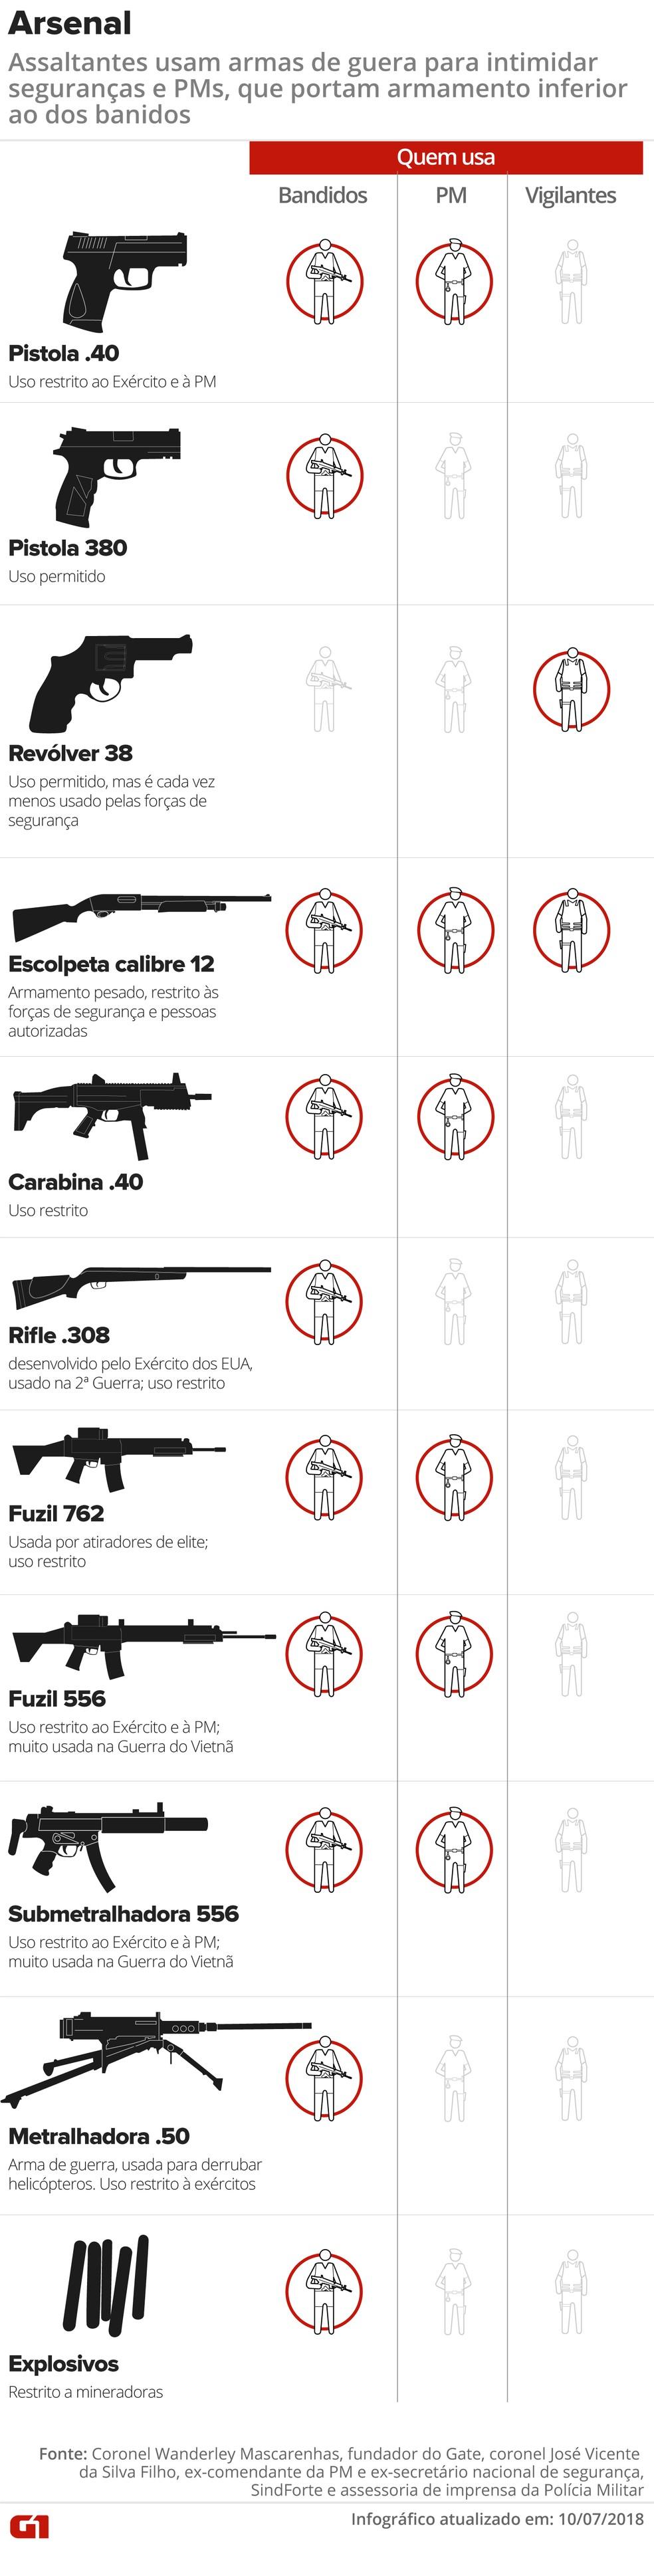 Criminosos usam armas de guerra para intimidar seguranças (Foto: Juliane Monteiro e Karina Almeida/ G1)